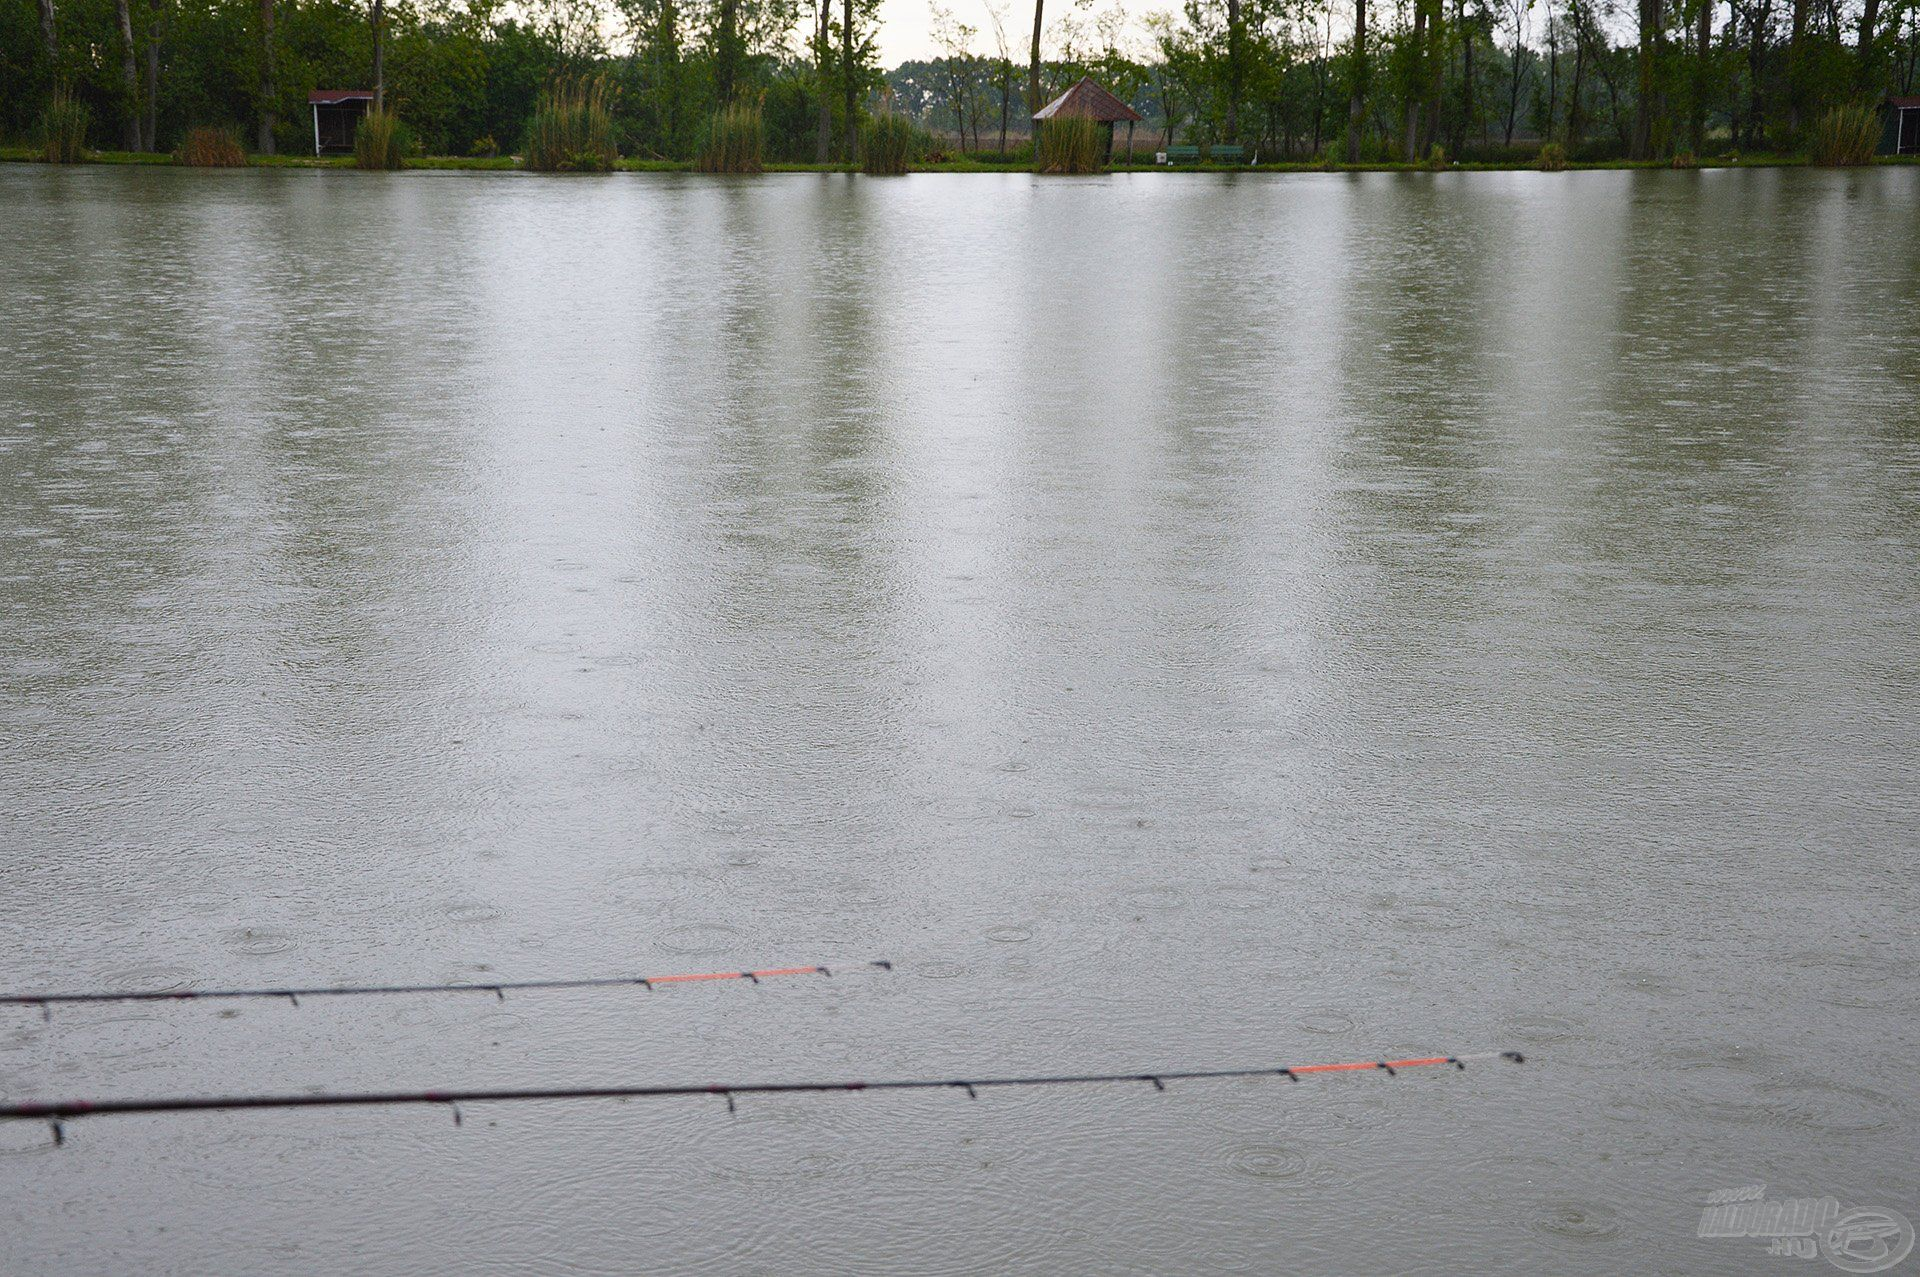 A horgászat szabadtéri tevékenység, és az időjárás néha bizony megtréfálhat minket, de ezen, kár mérgelődni!